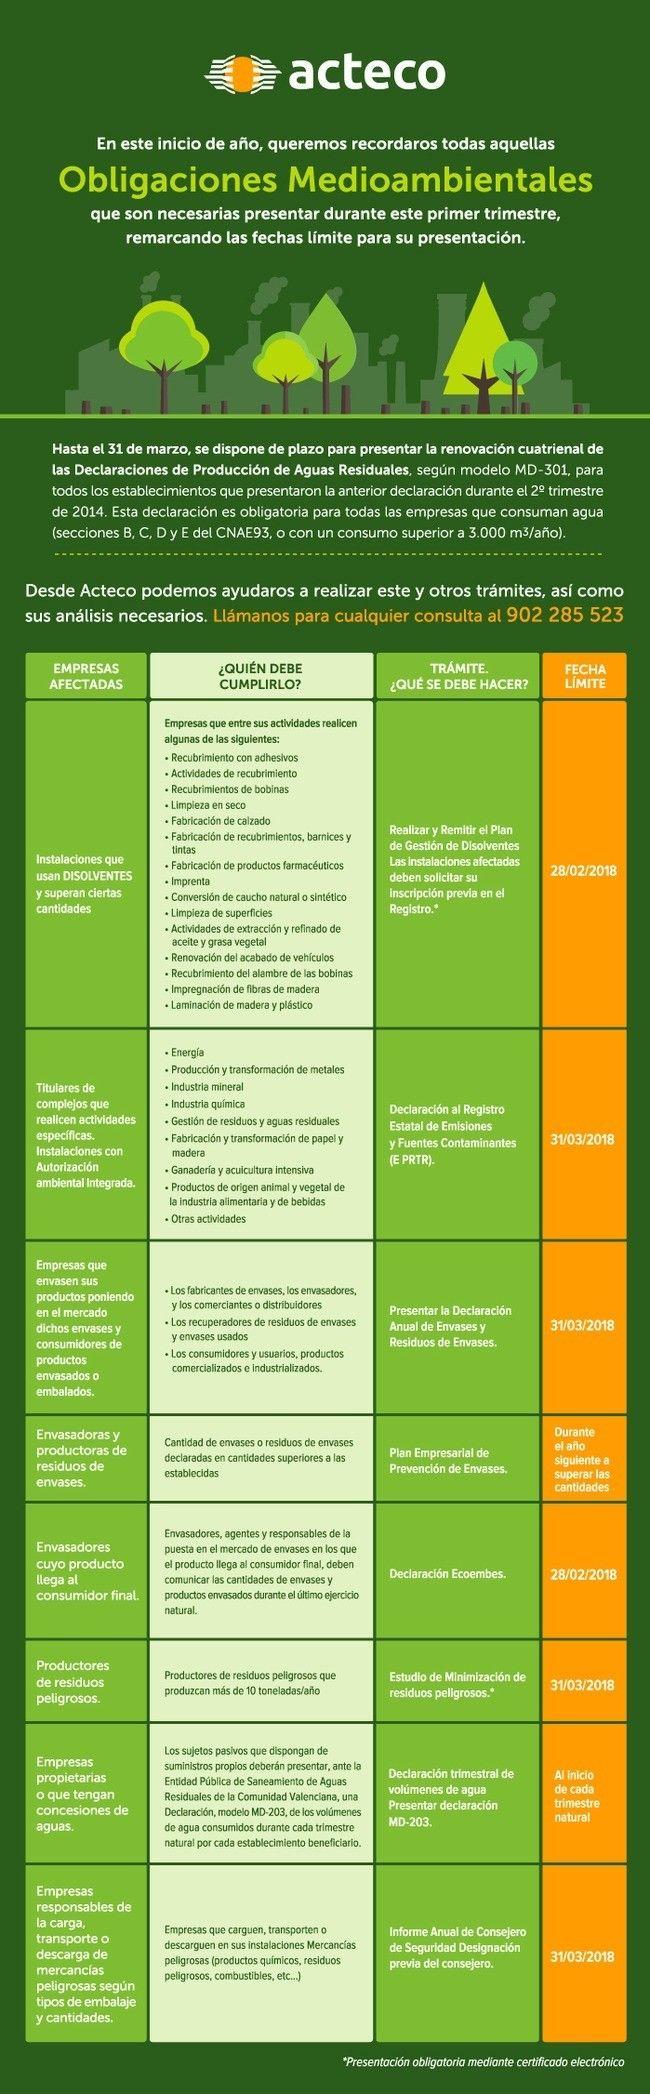 Obligaciones medioambientales de la empresa